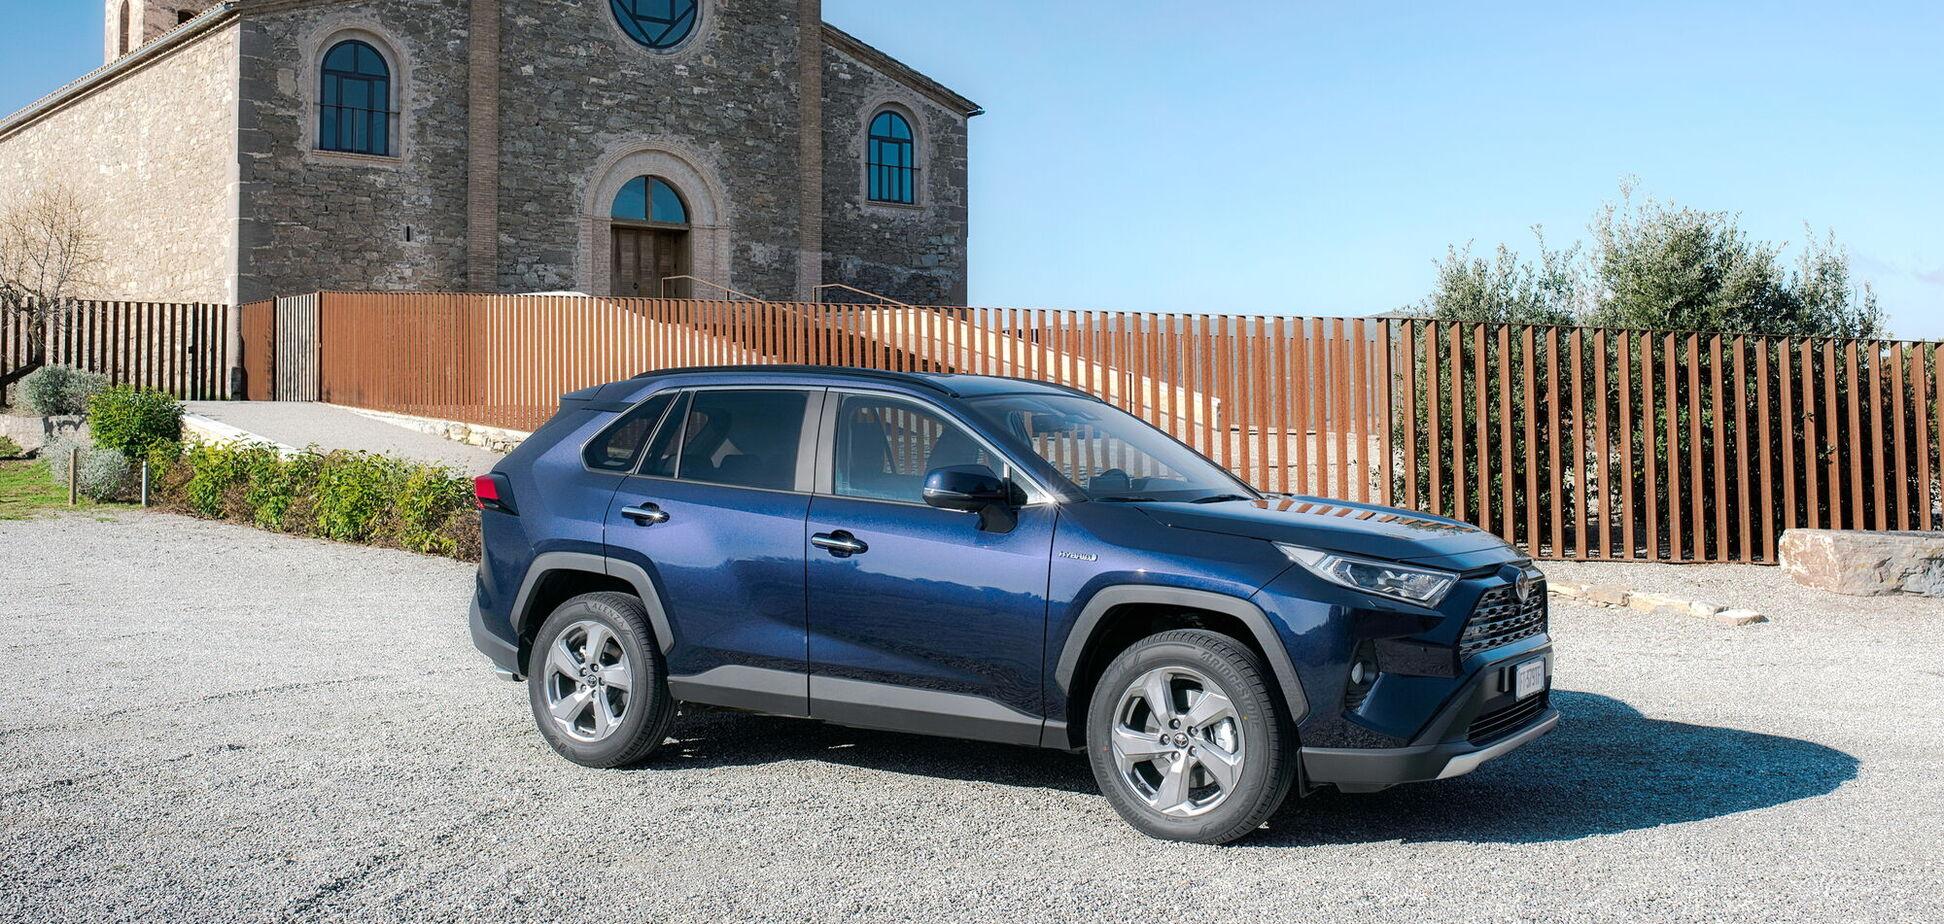 Українці стали купувати більше нових авто